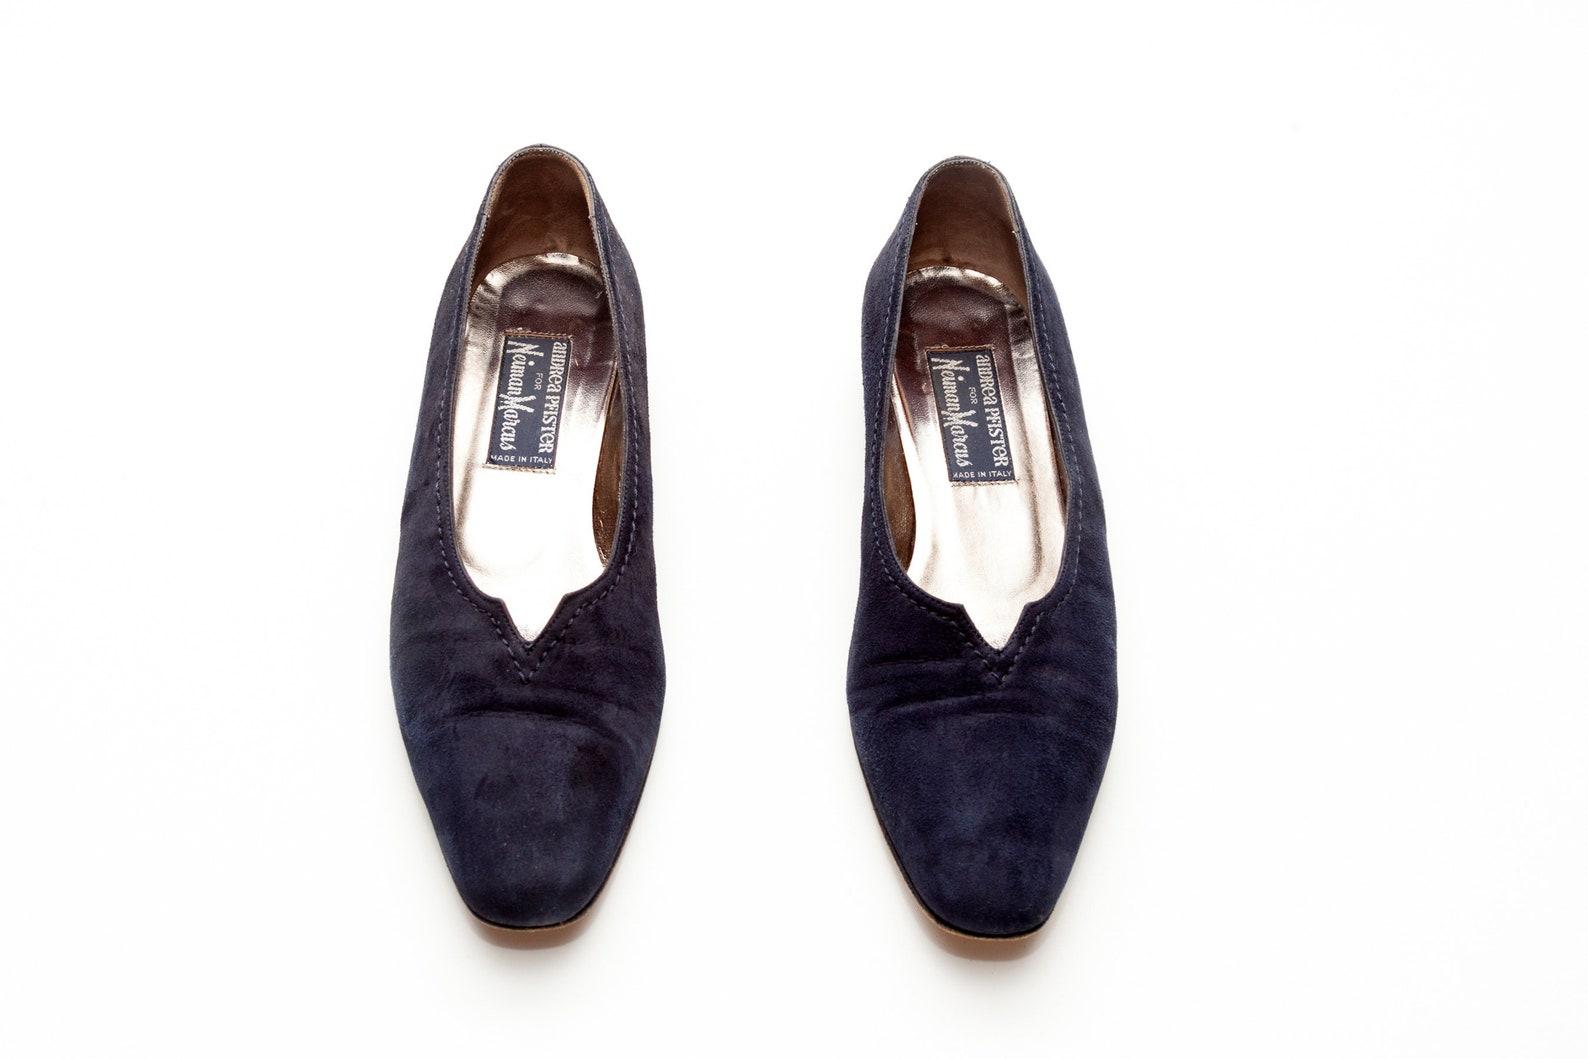 andrea pfister • vintage shoes •slip on flats in black suede •v front topline •low heel flats •vtg ballet flats •made in it